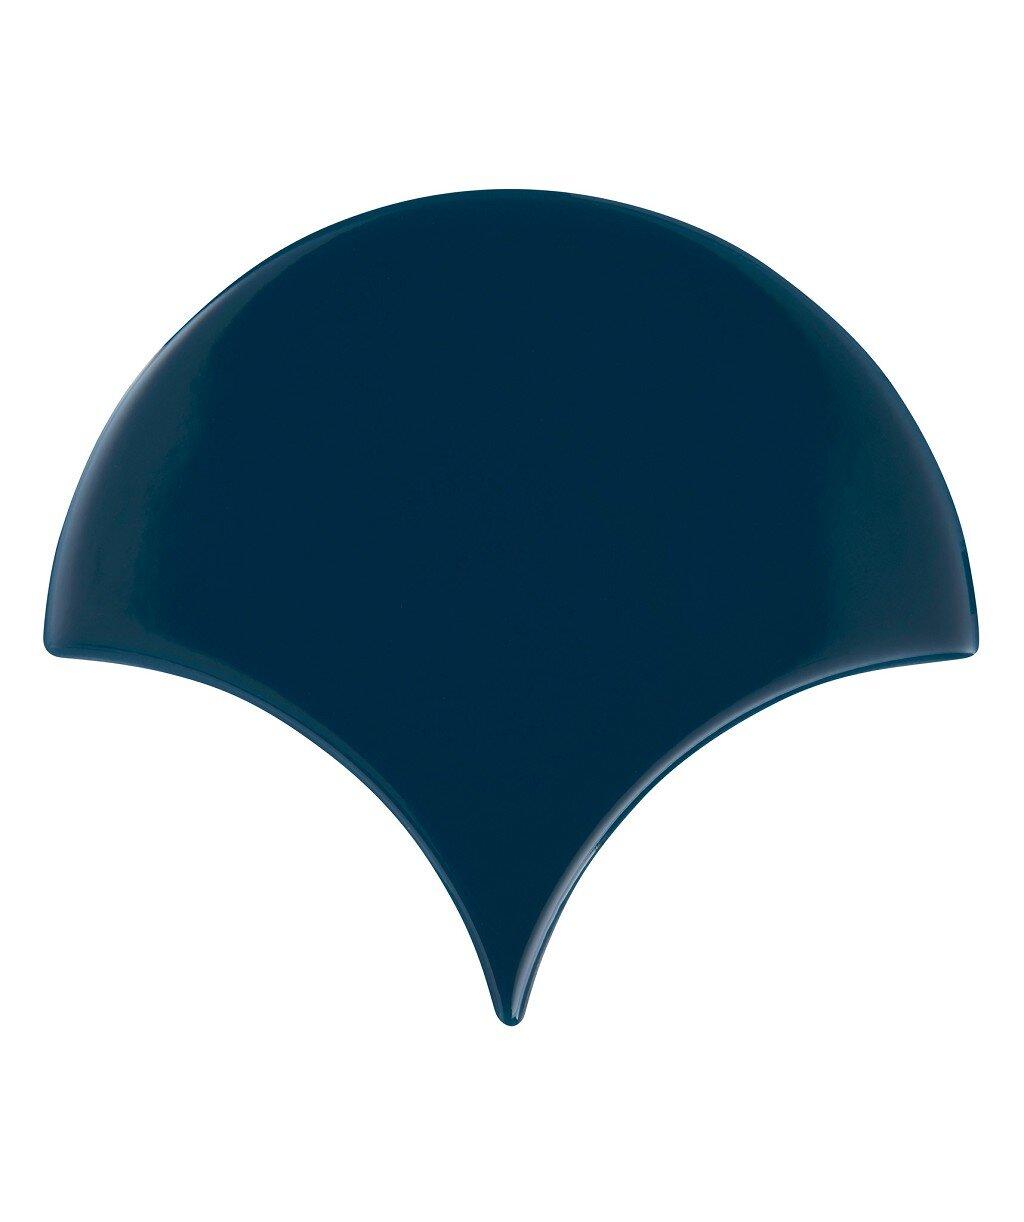 Syren in Midnight Blue